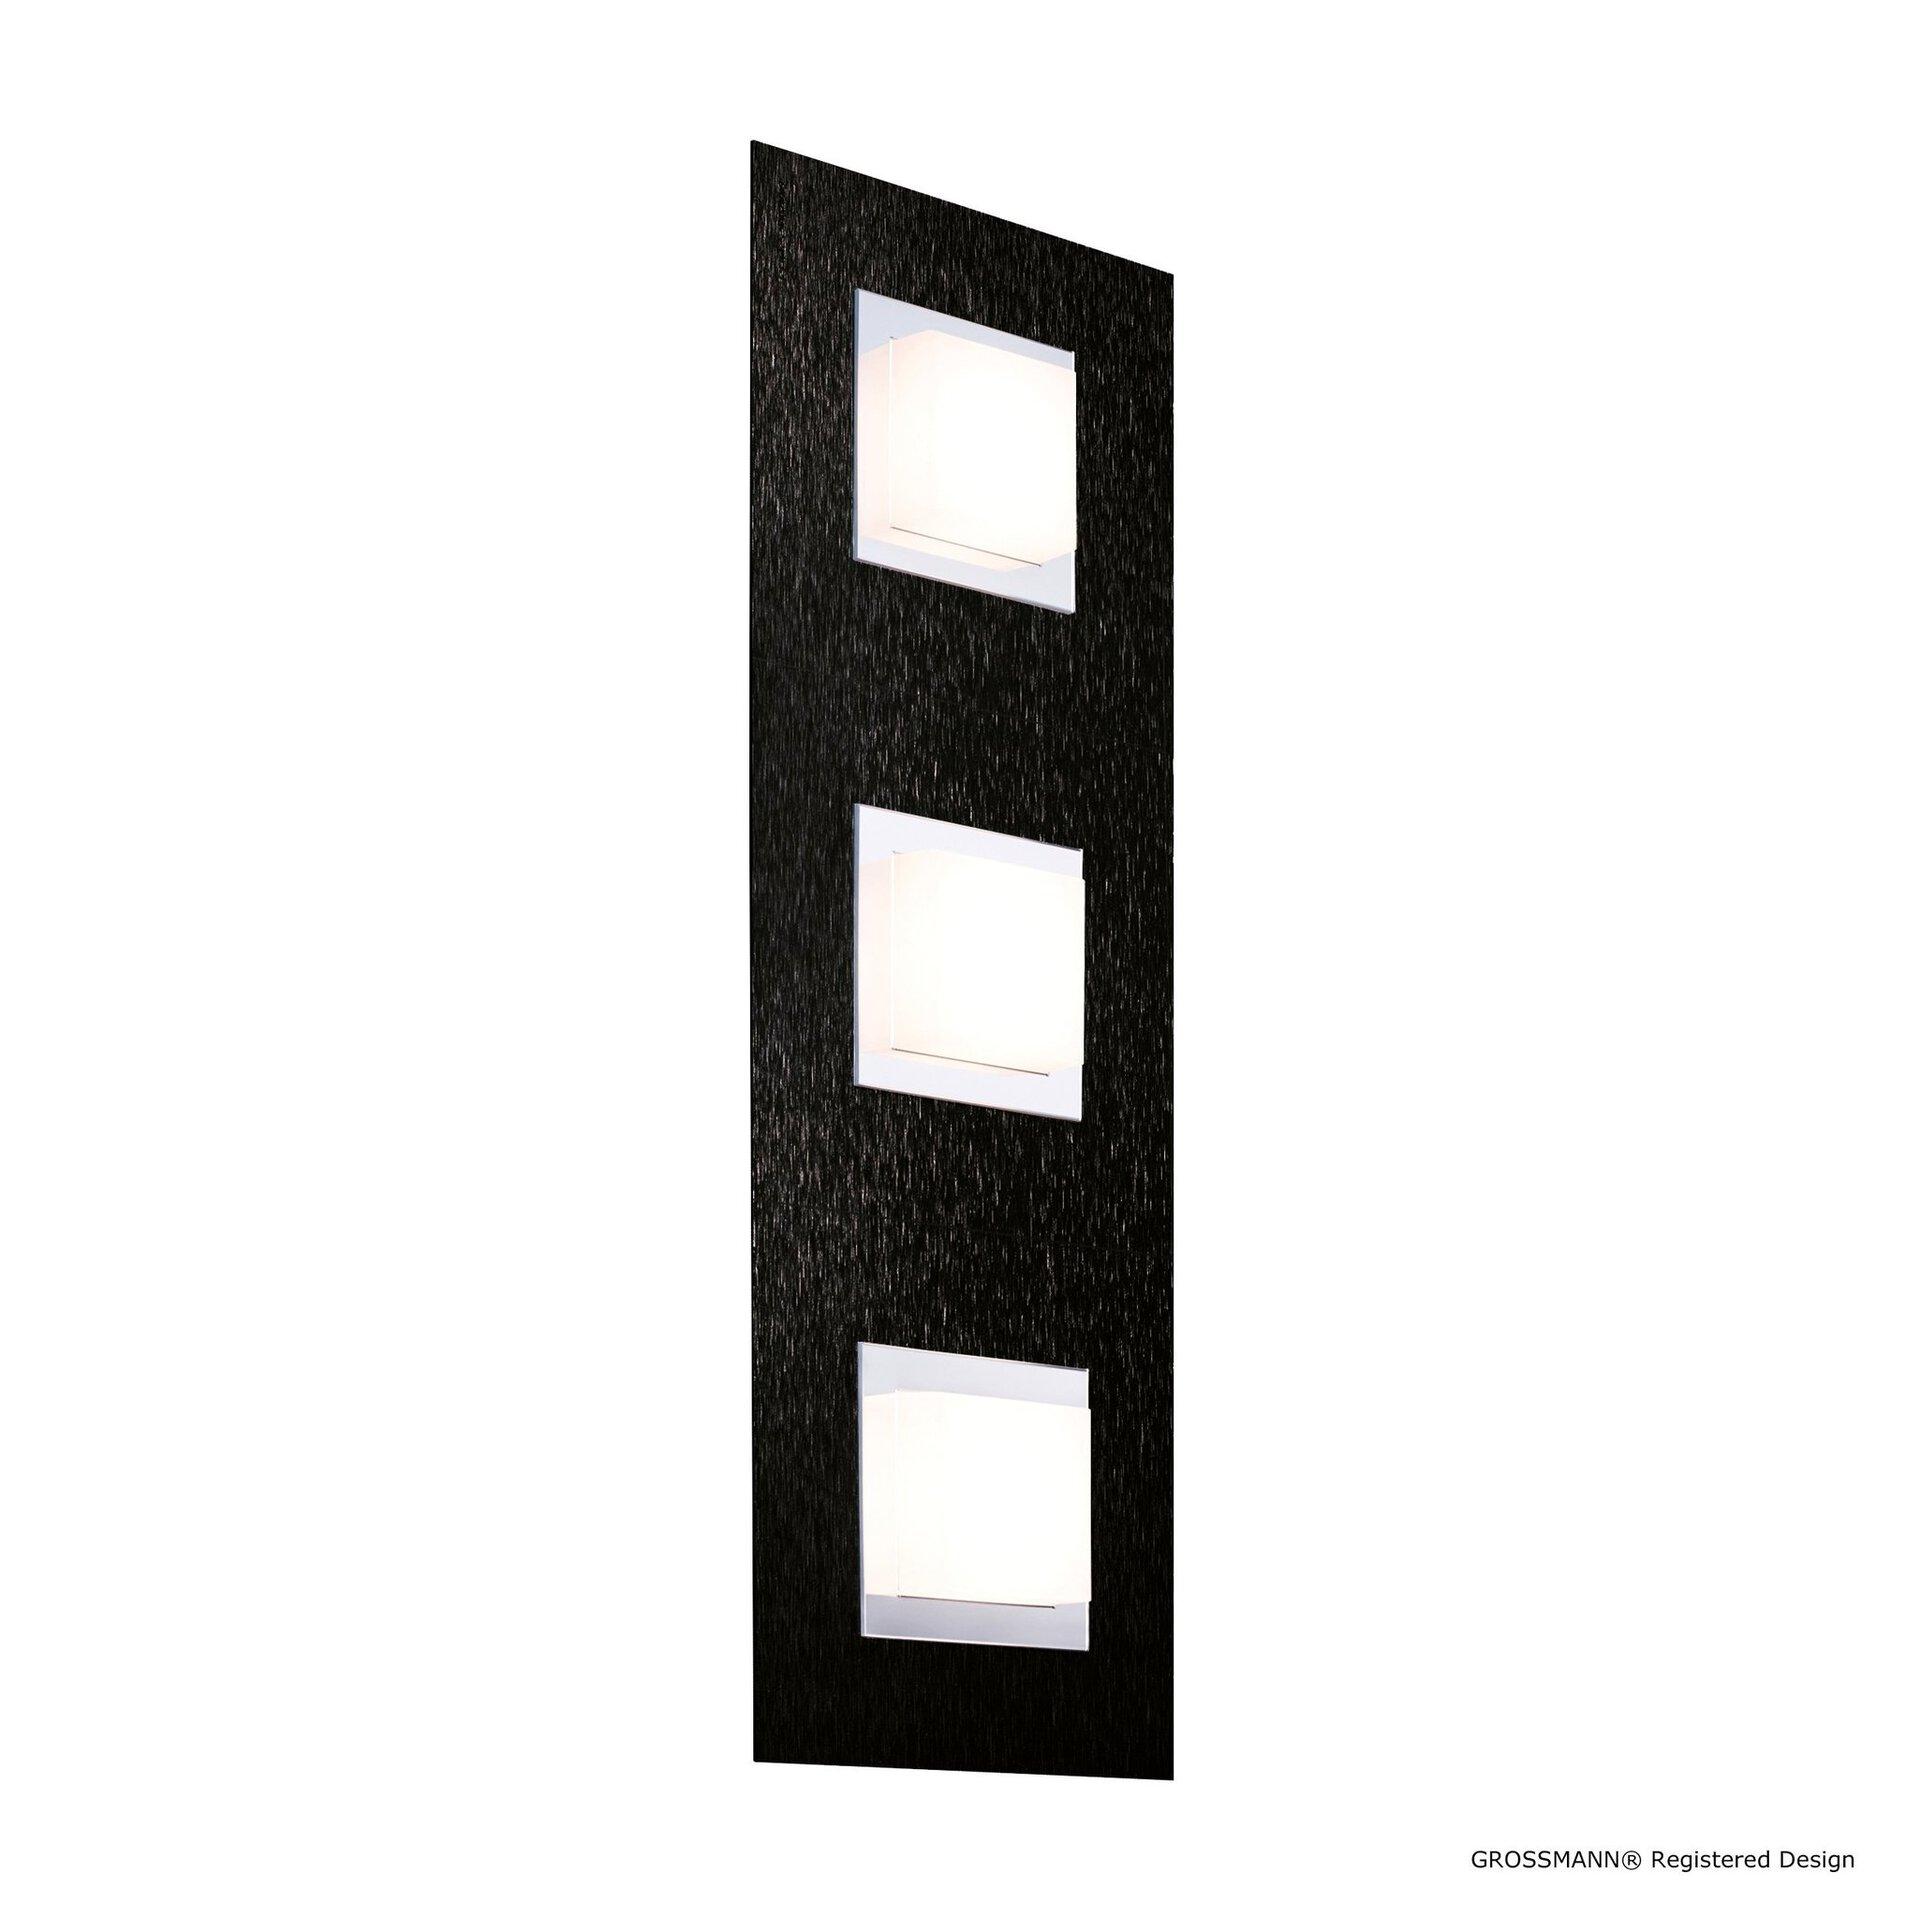 Deckenleuchte basic Grossmann Metall schwarz 15 x 5 x 45 cm